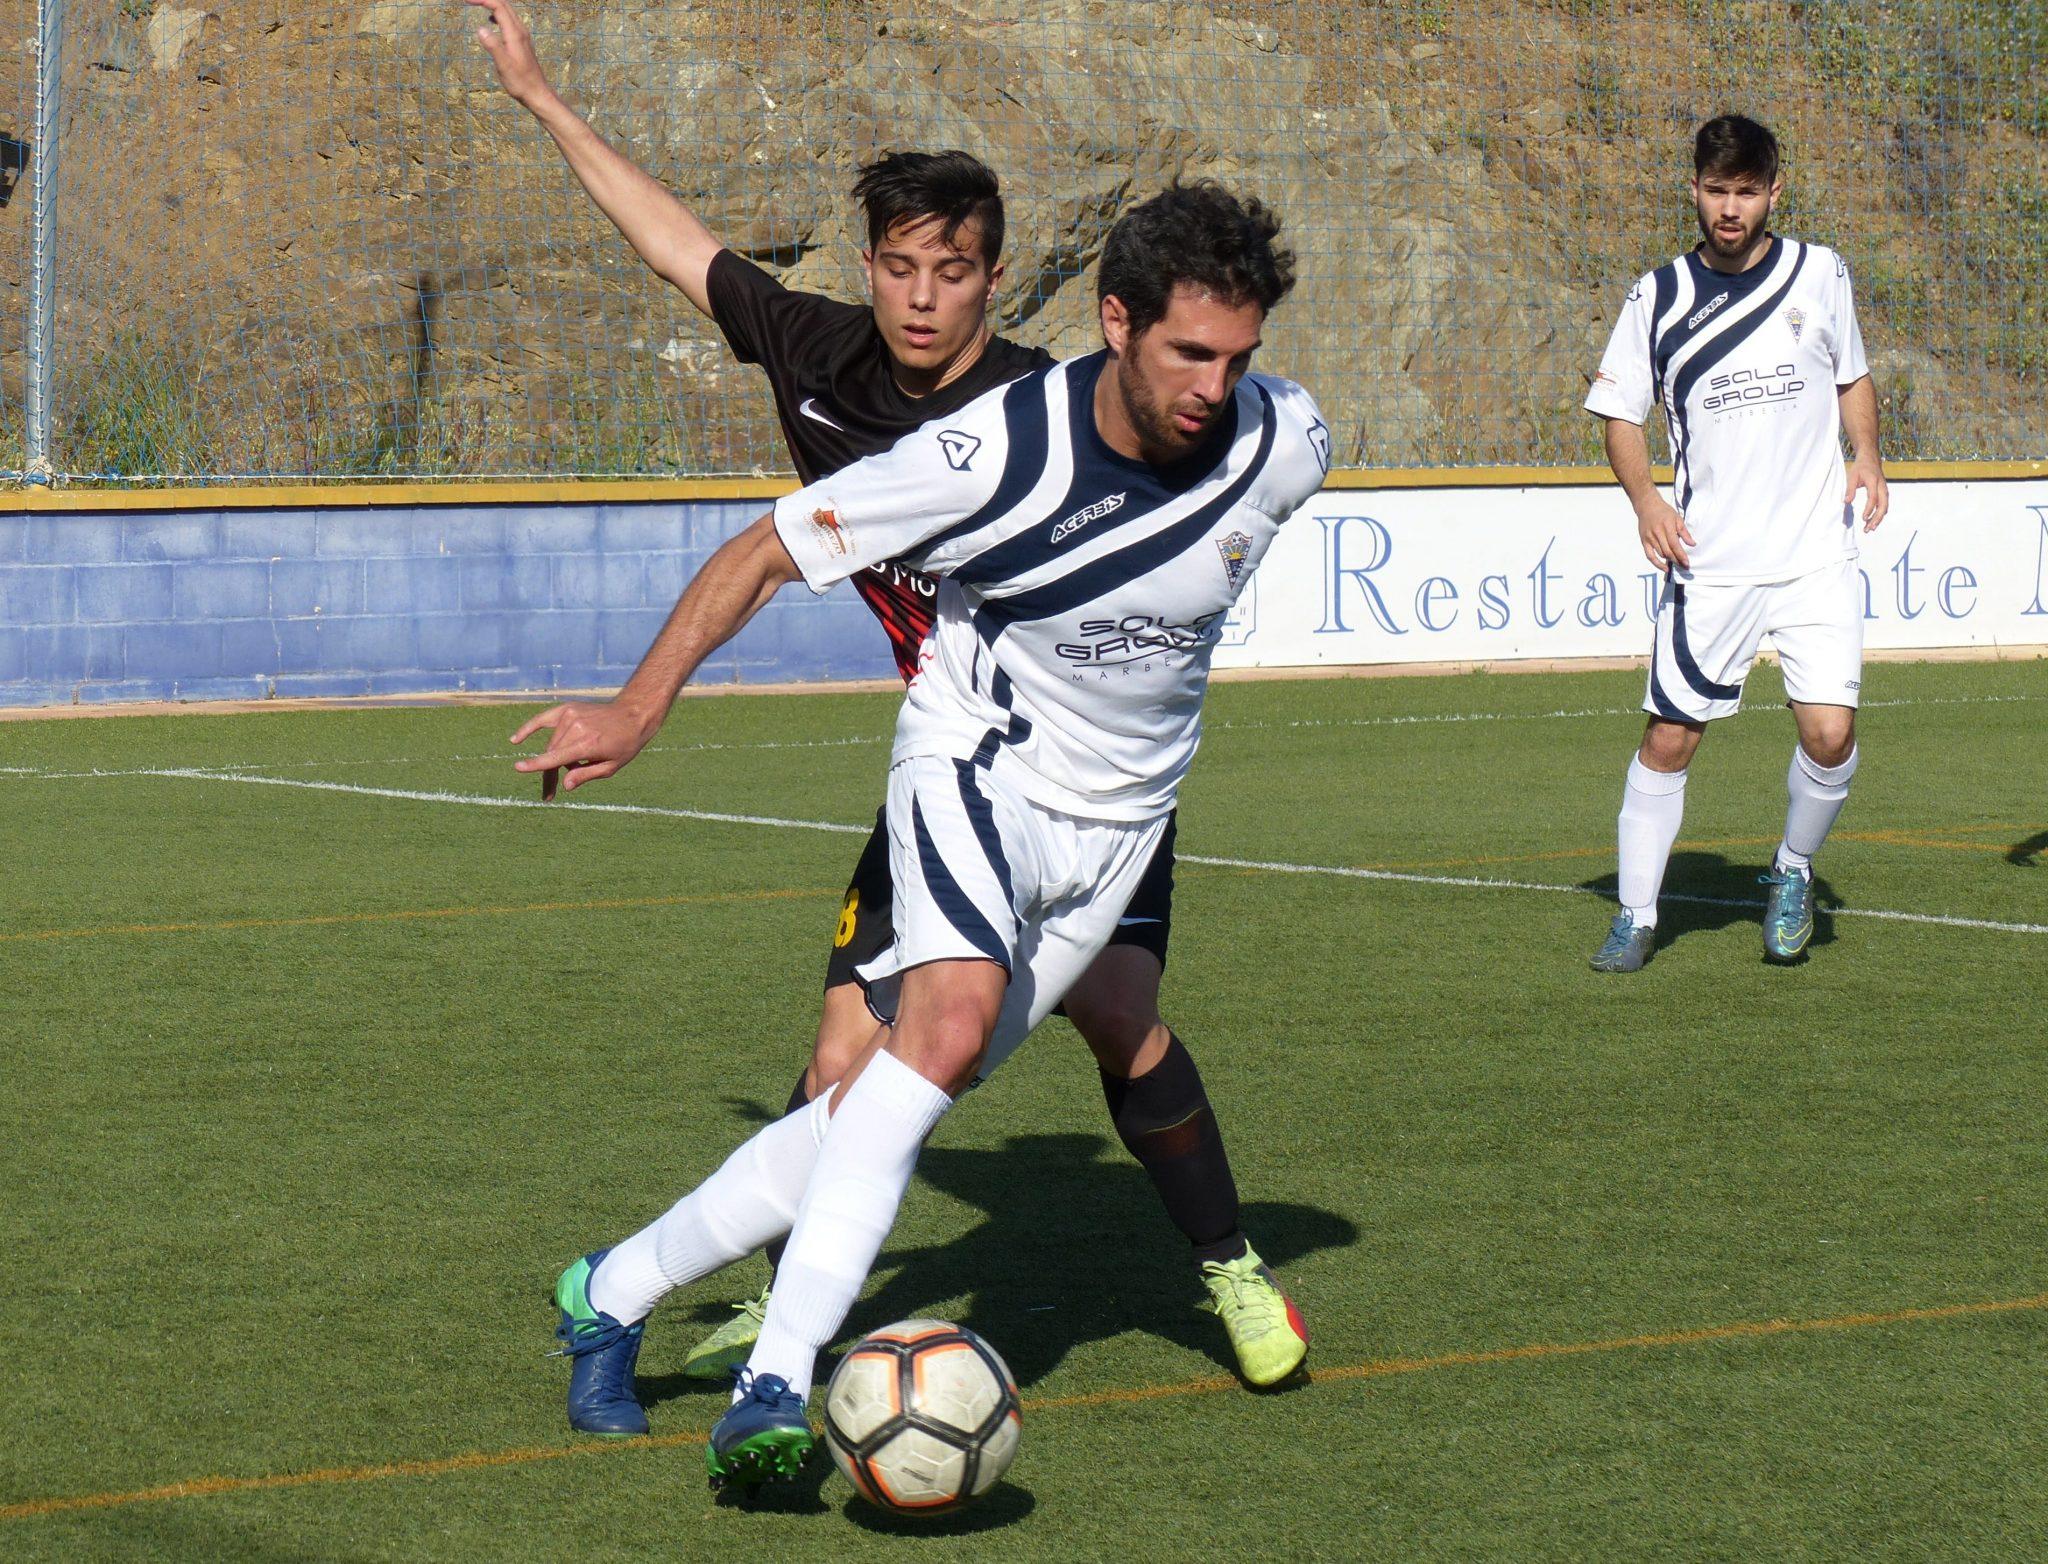 El Atlético Marbella empata frente al C.D. Churriana (1-1)